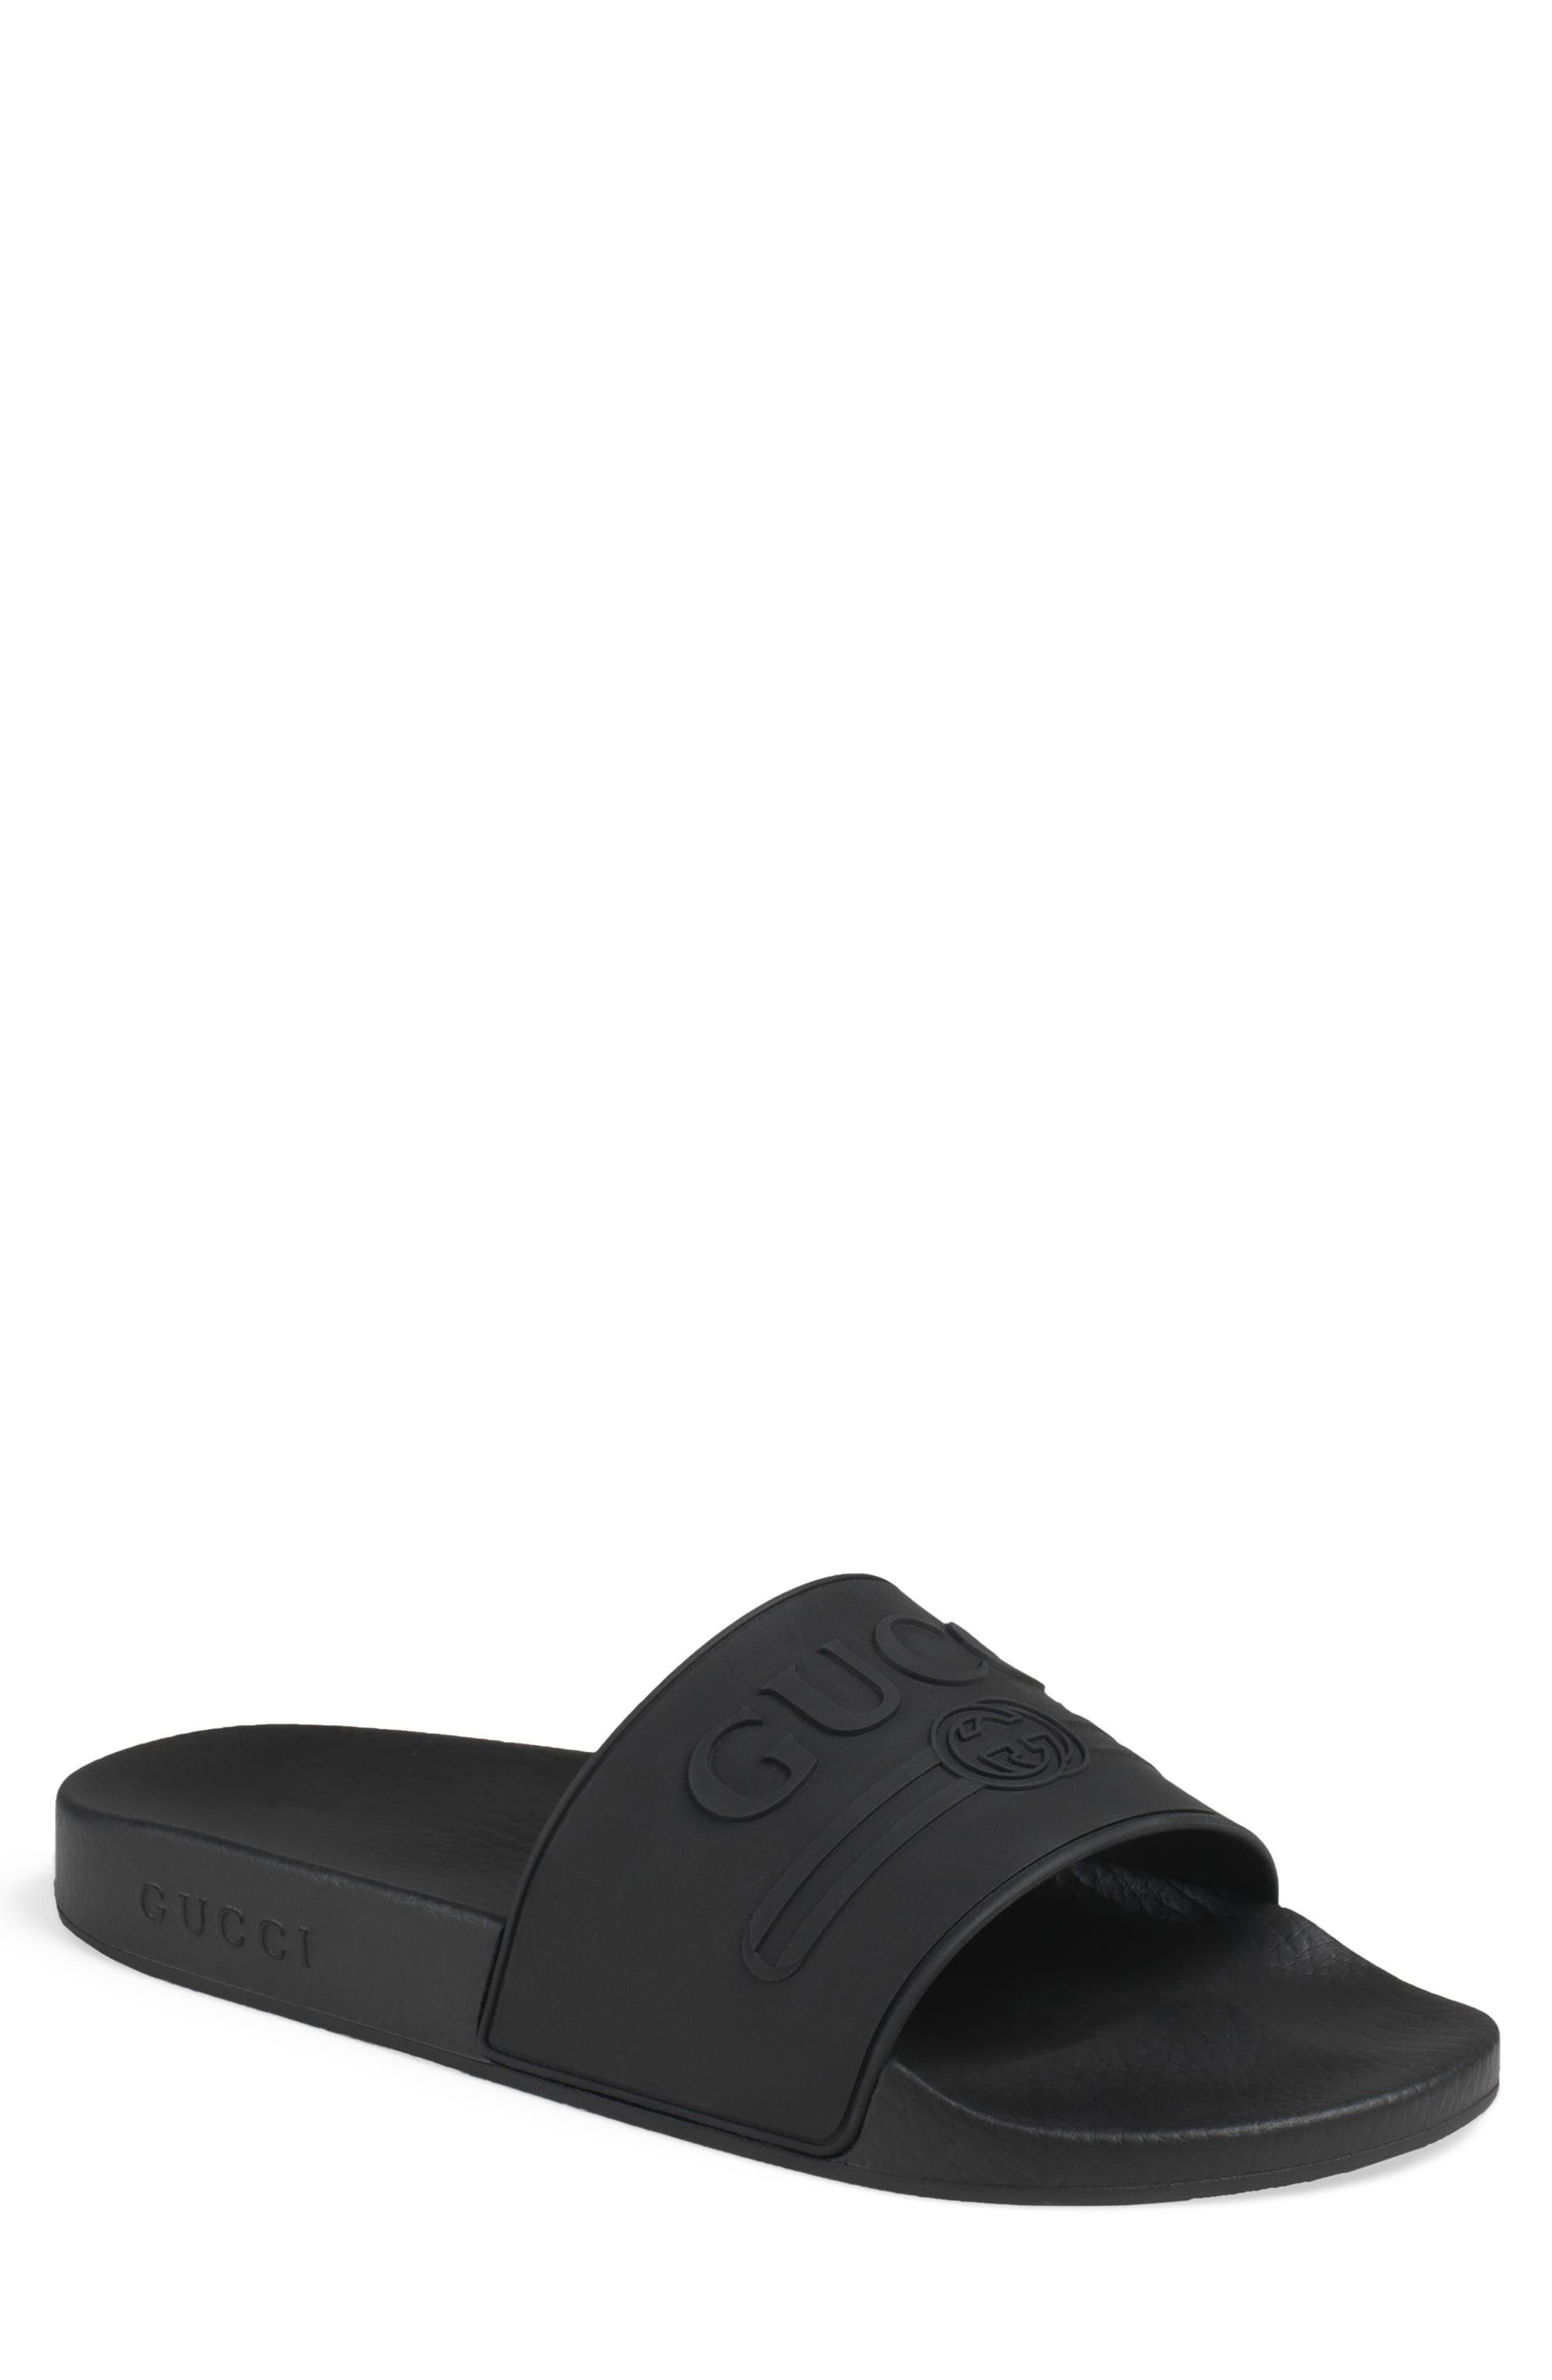 Pursuit Logo Slide Sandal,                         Main,                         color, NERO